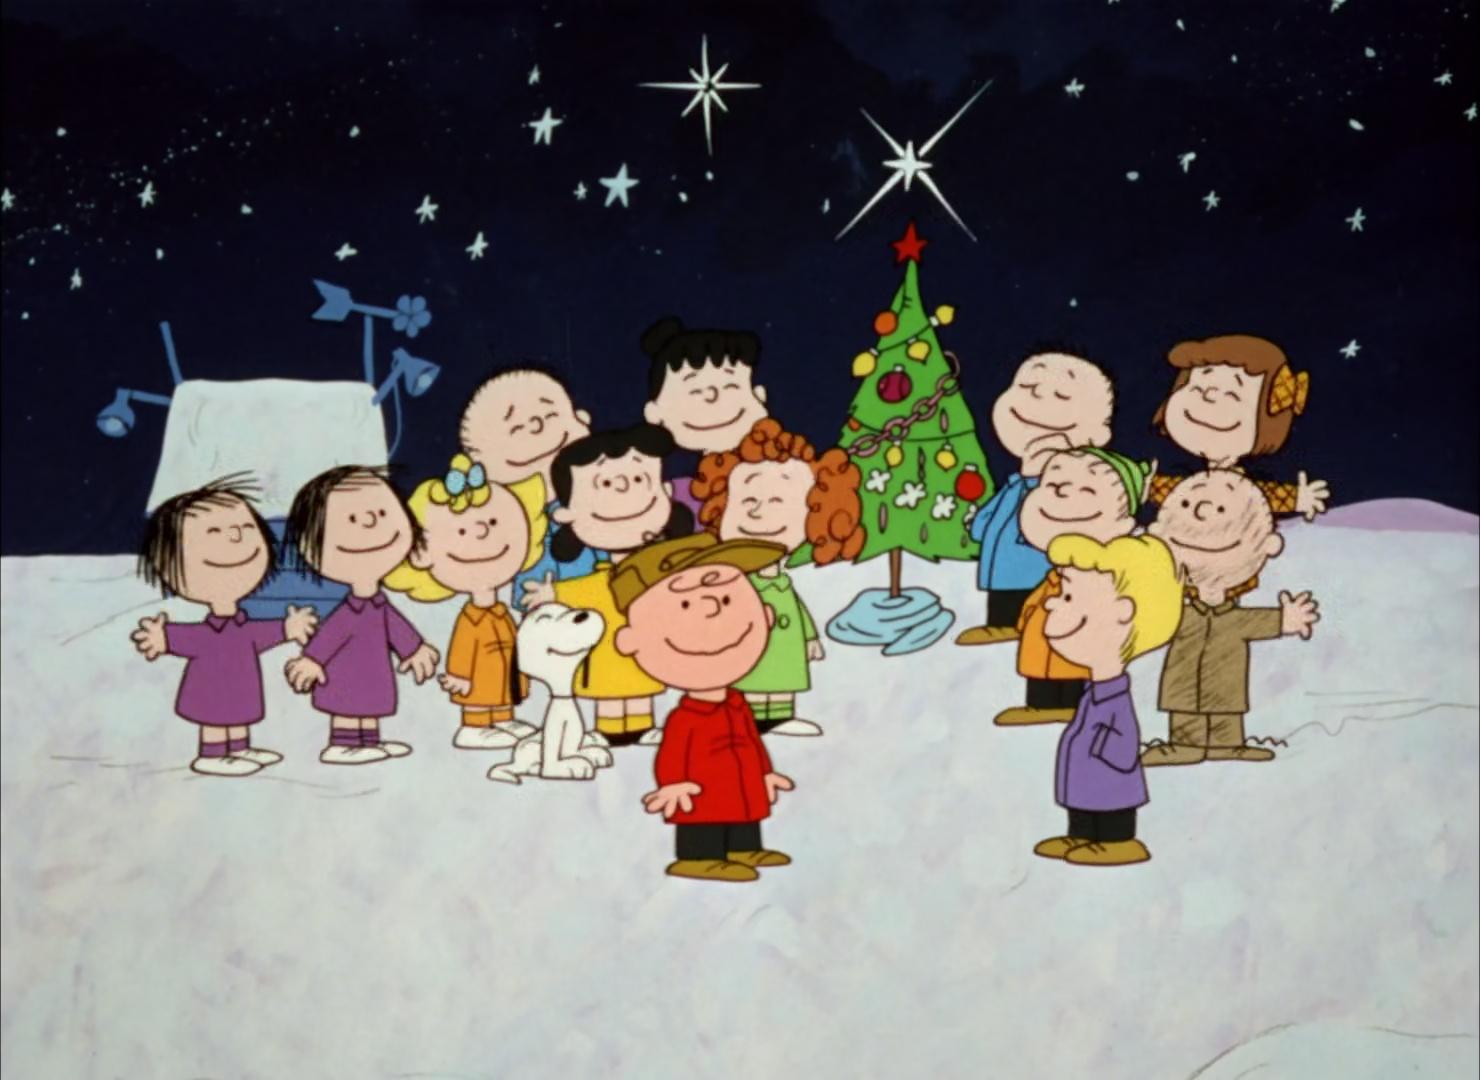 File:PeanutsGroupXmas.jpg